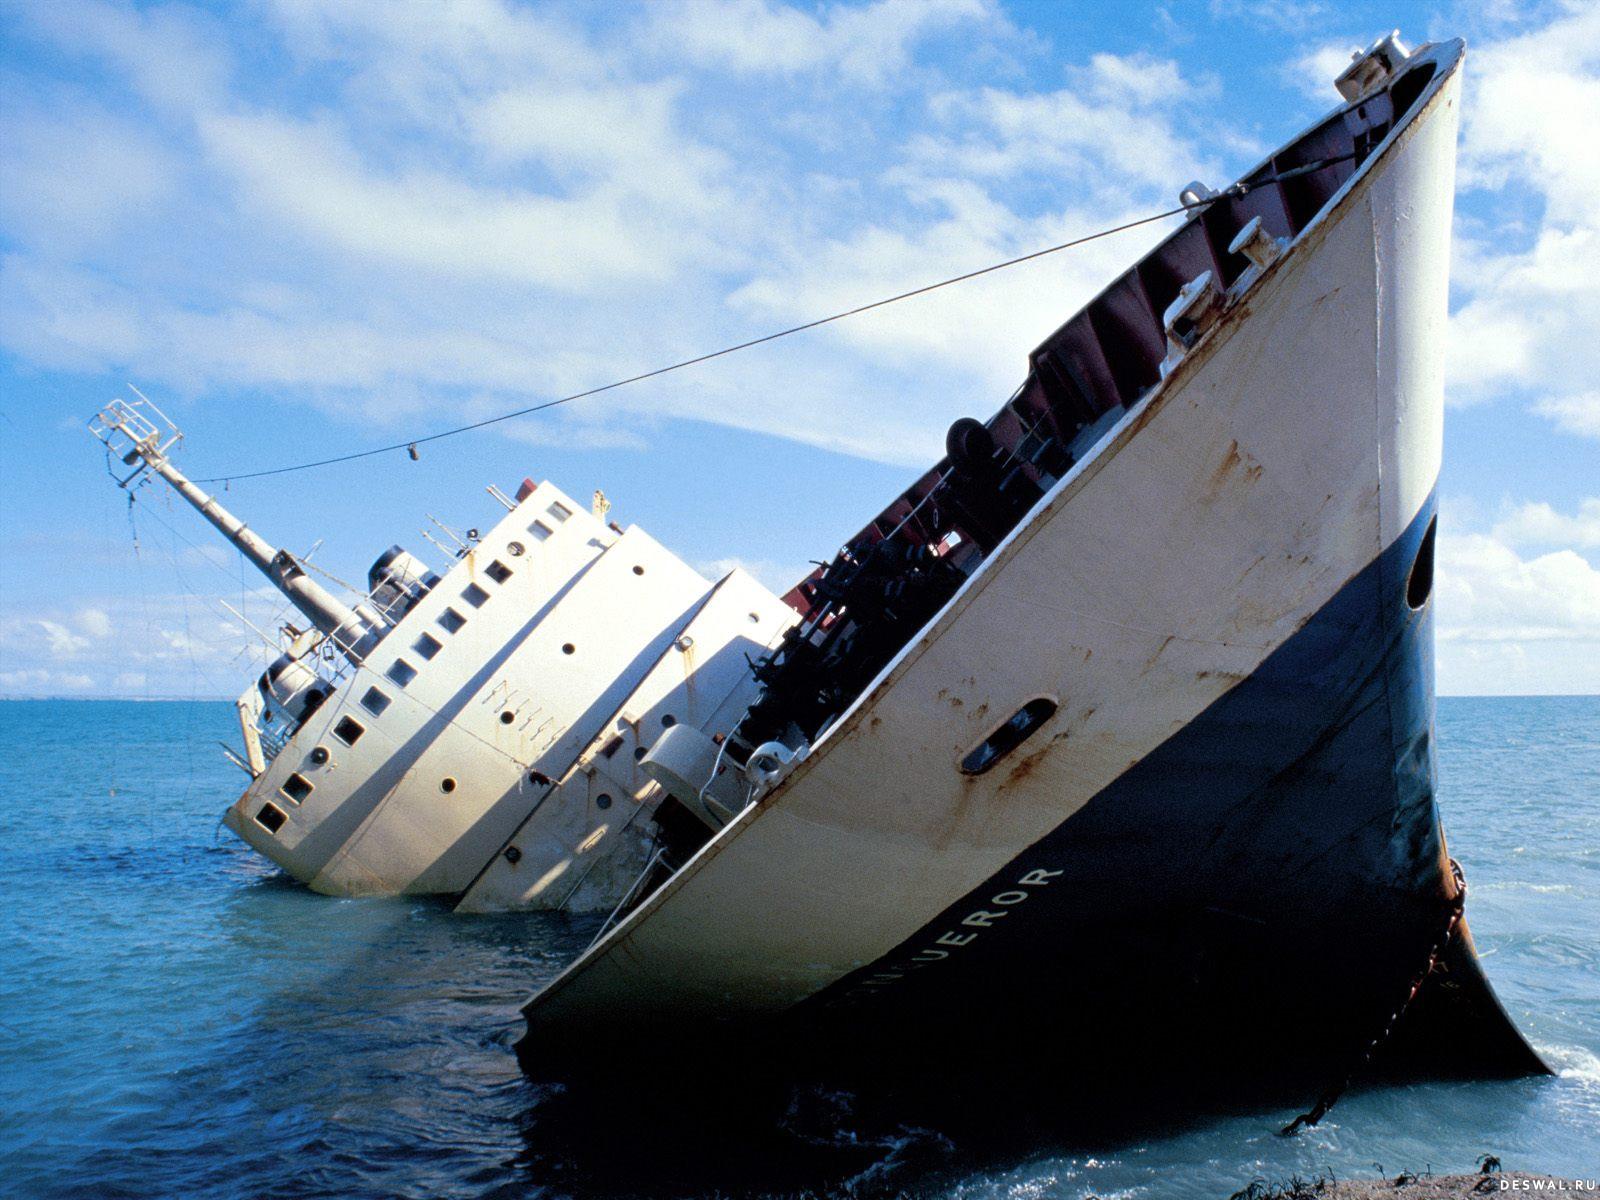 Затонувший корабль в море